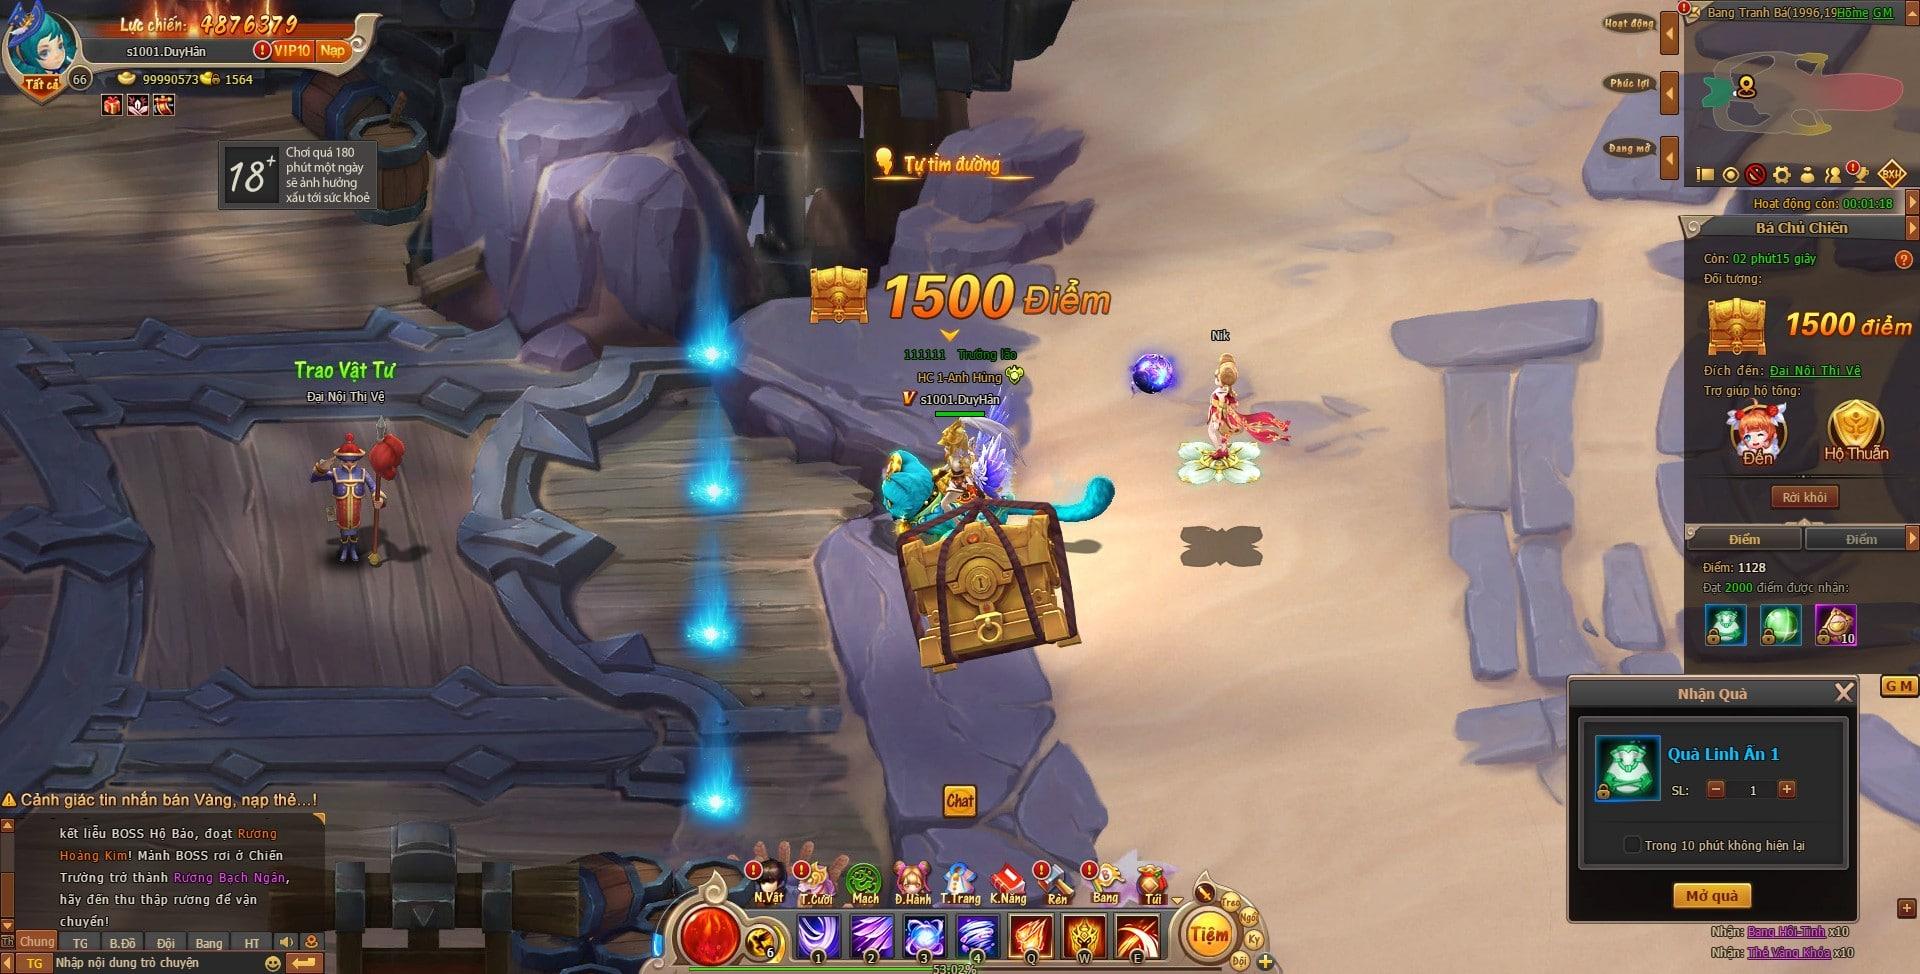 Điểm qua chiến trường khốc liệt cho các Bang Hội mạnh của webgame Đại Kiếm Vương 2